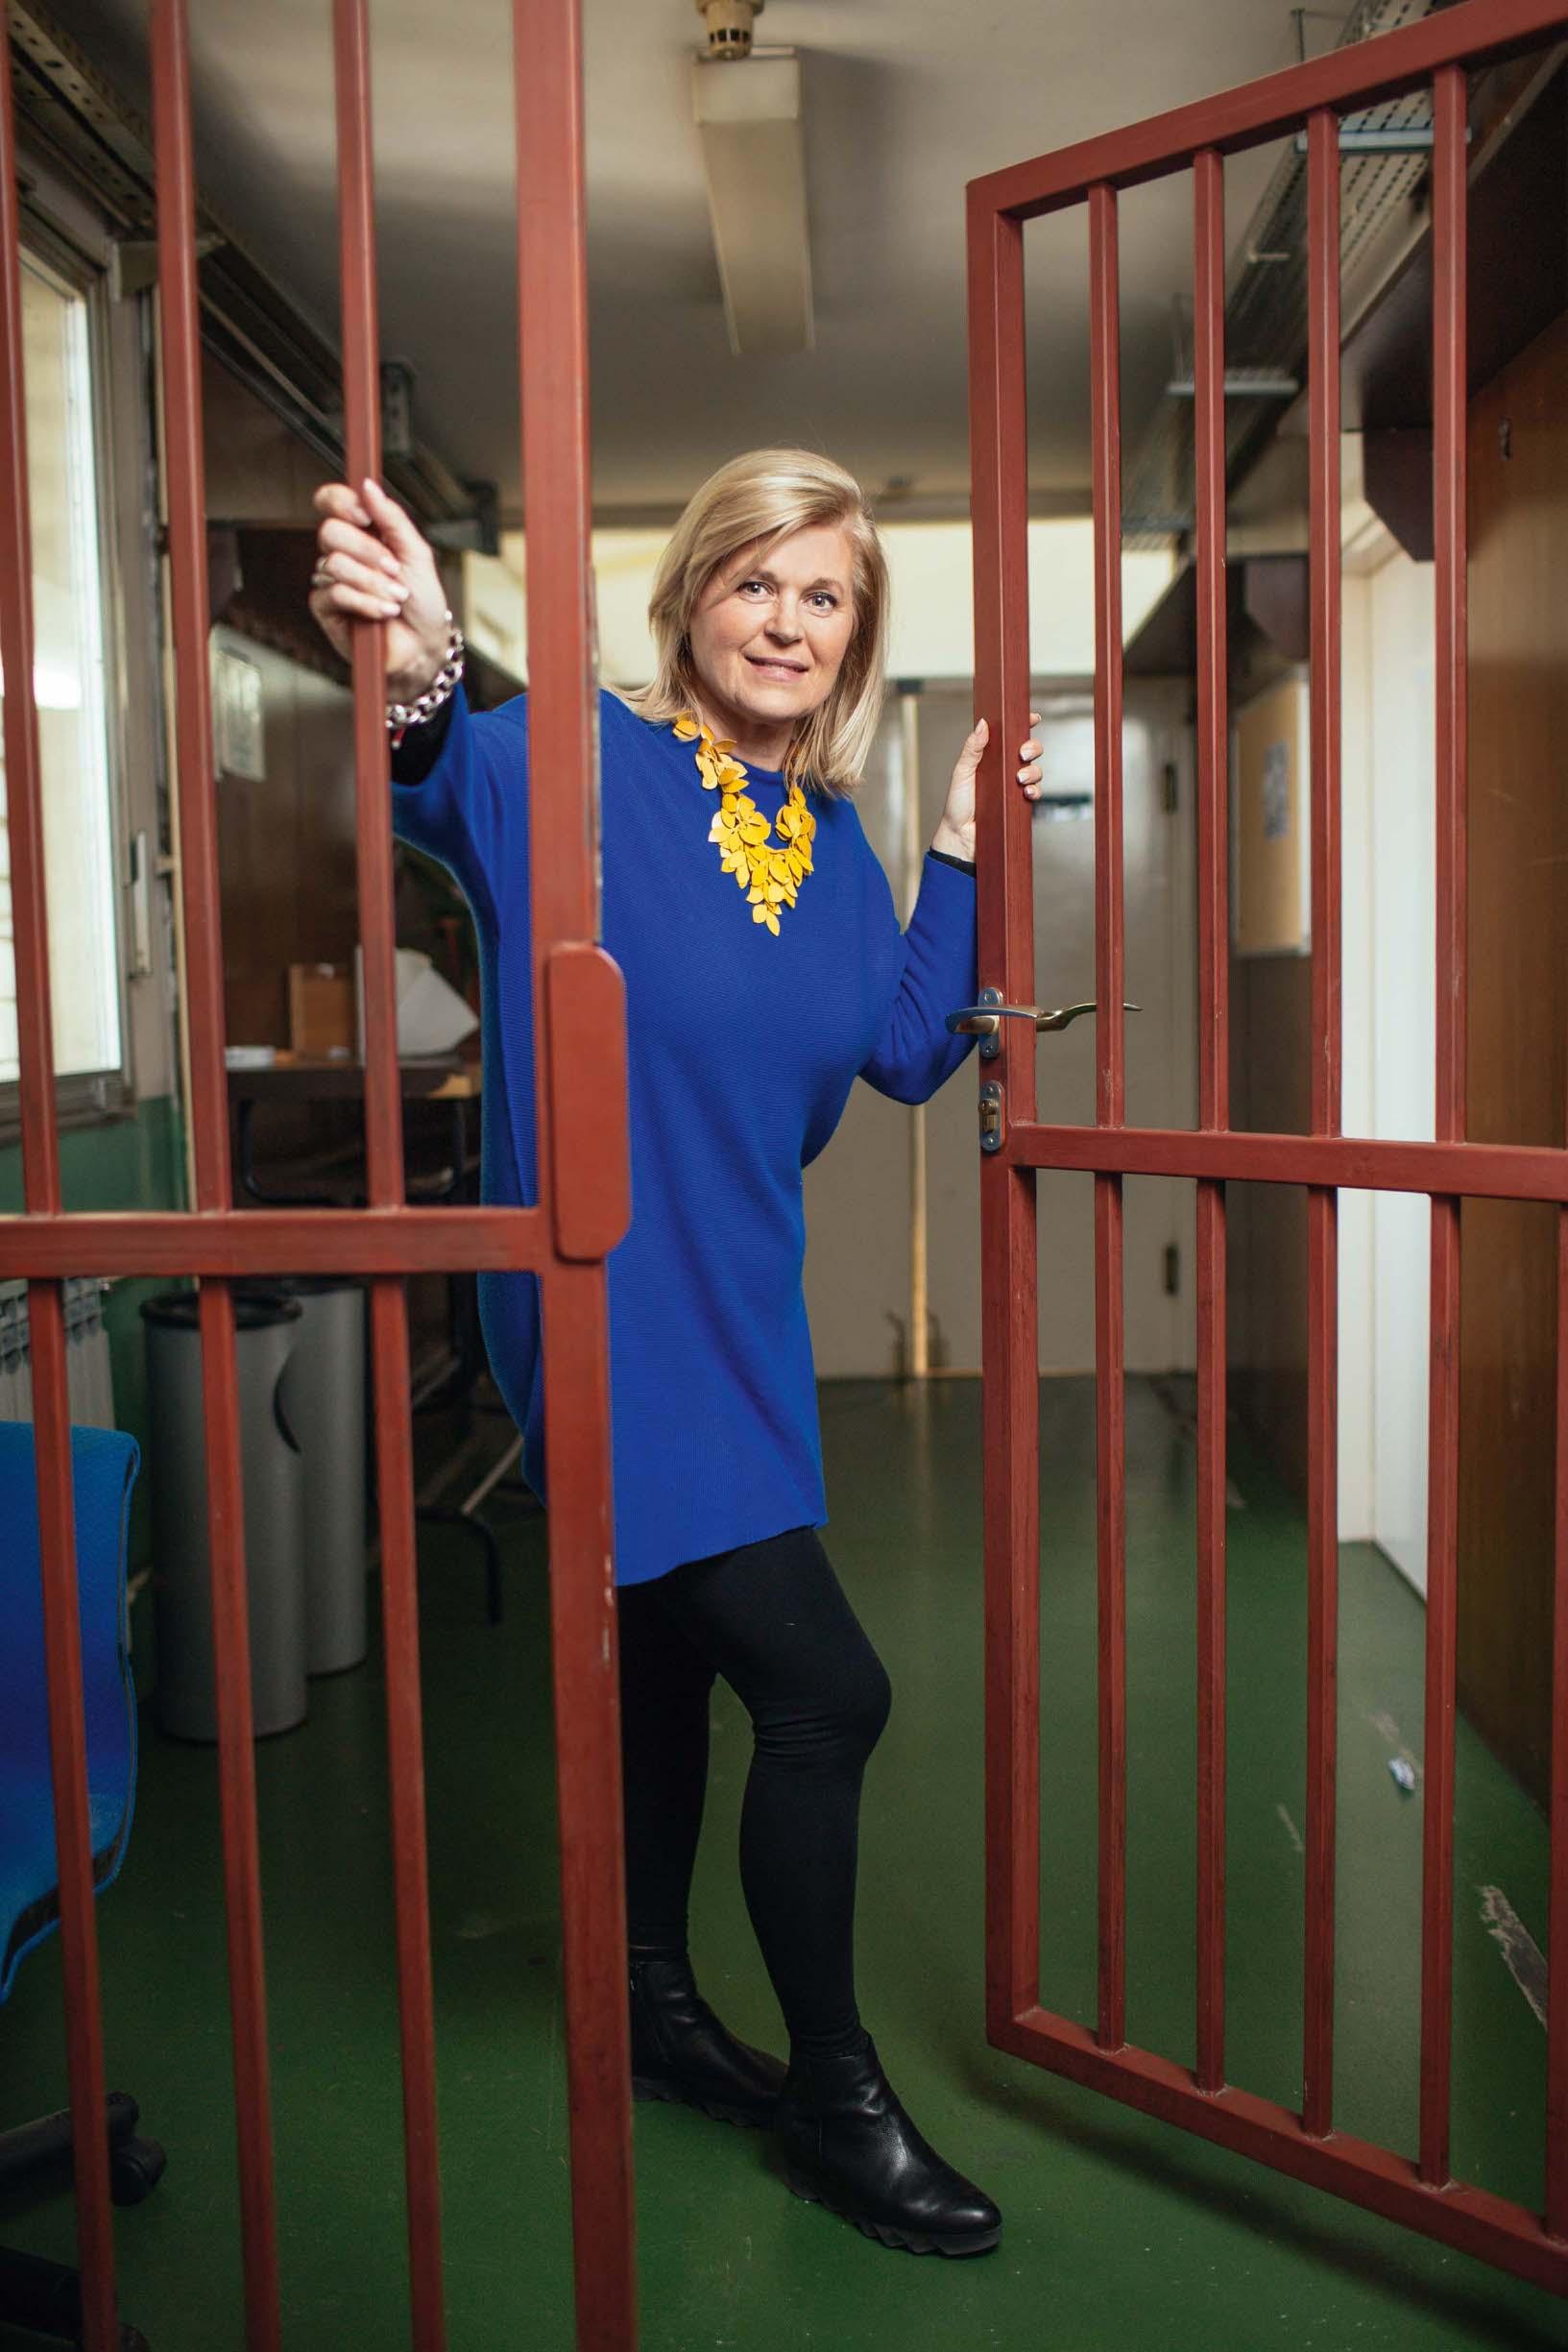 Alis Marić, jedina osoba koja s entuzijazmom ulazi u zatvorsku ustanovu